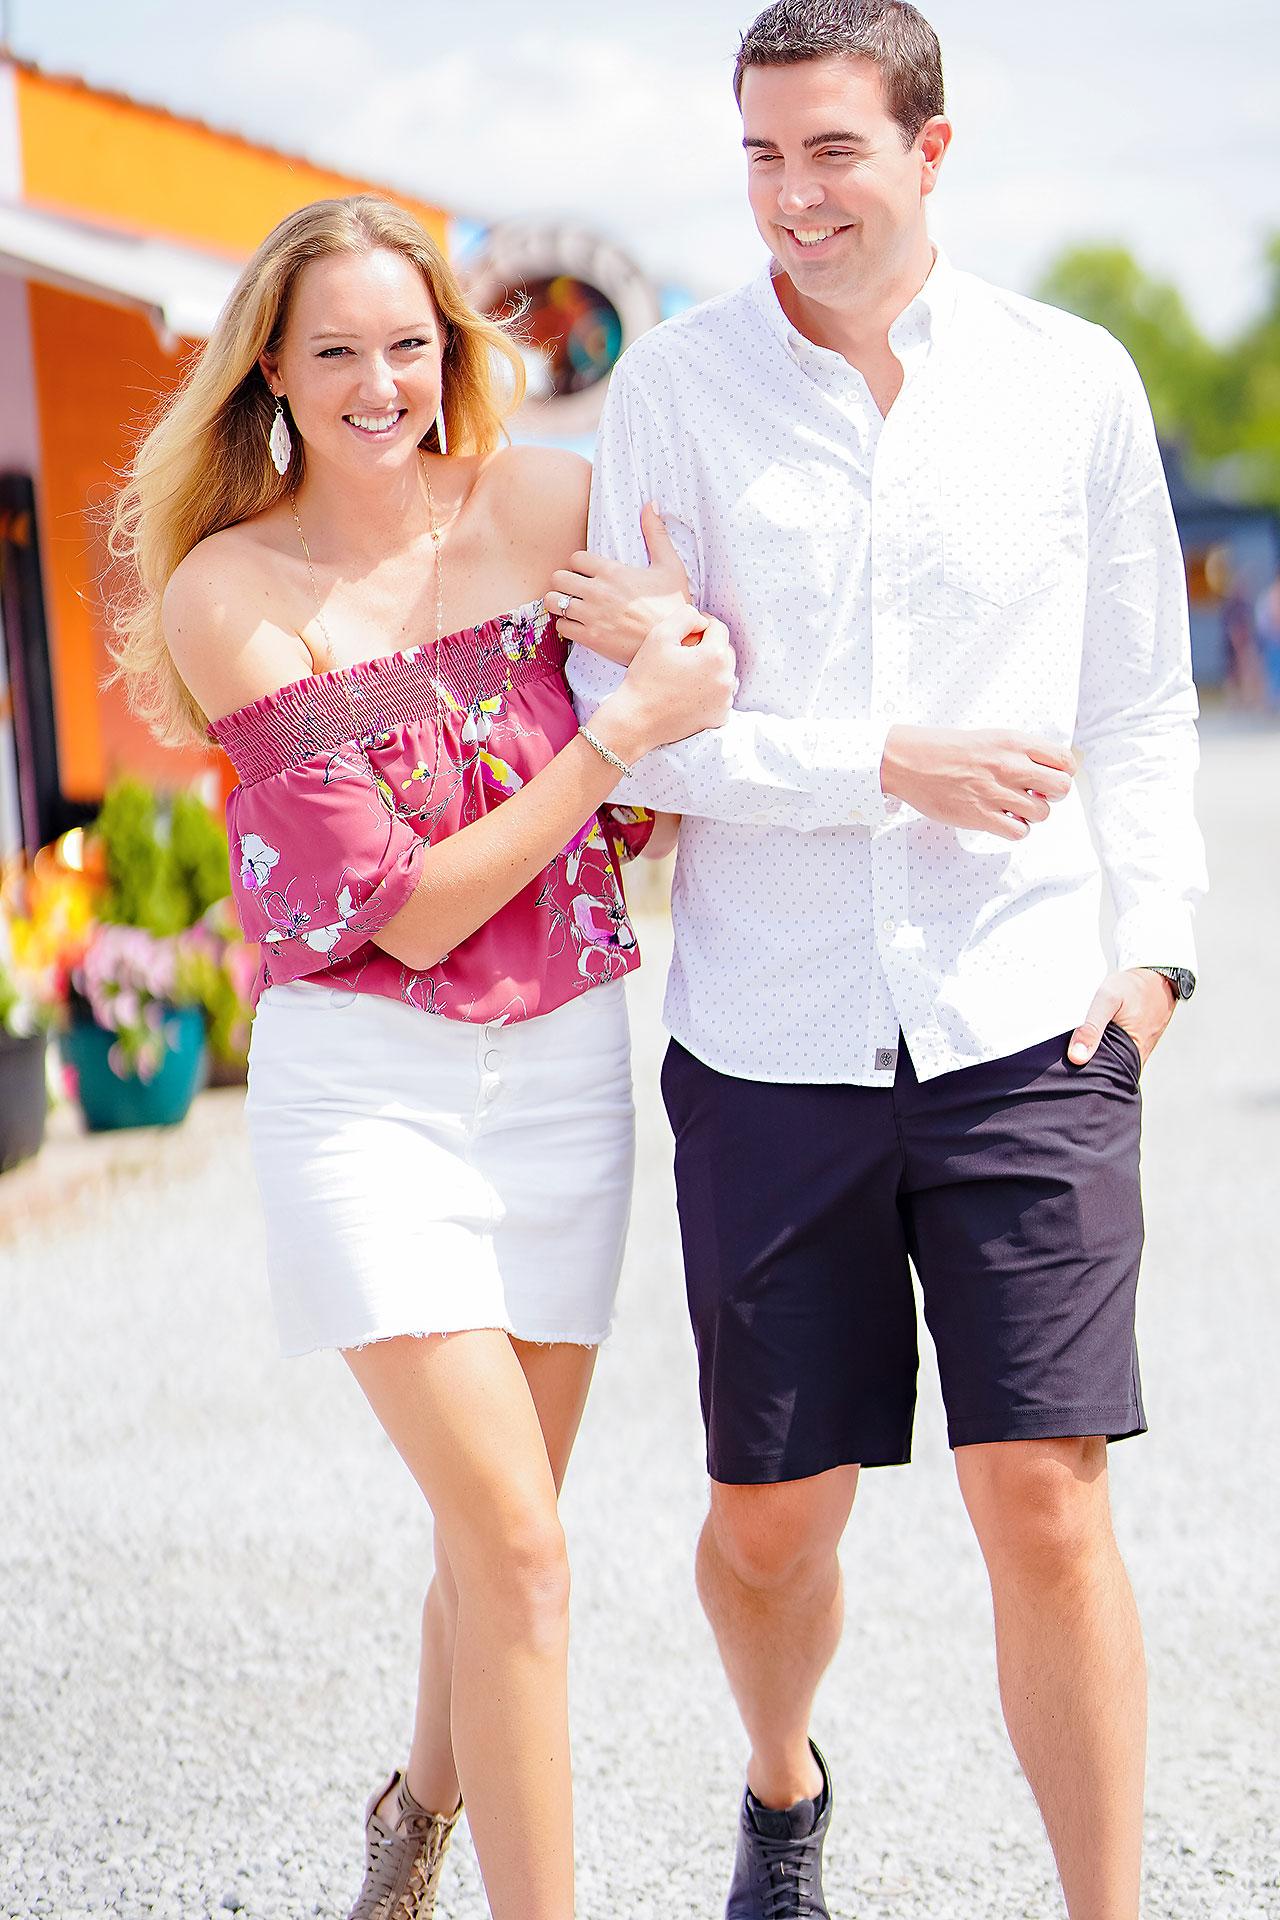 Liz Zach Midtown Carmel Engagement Session 002